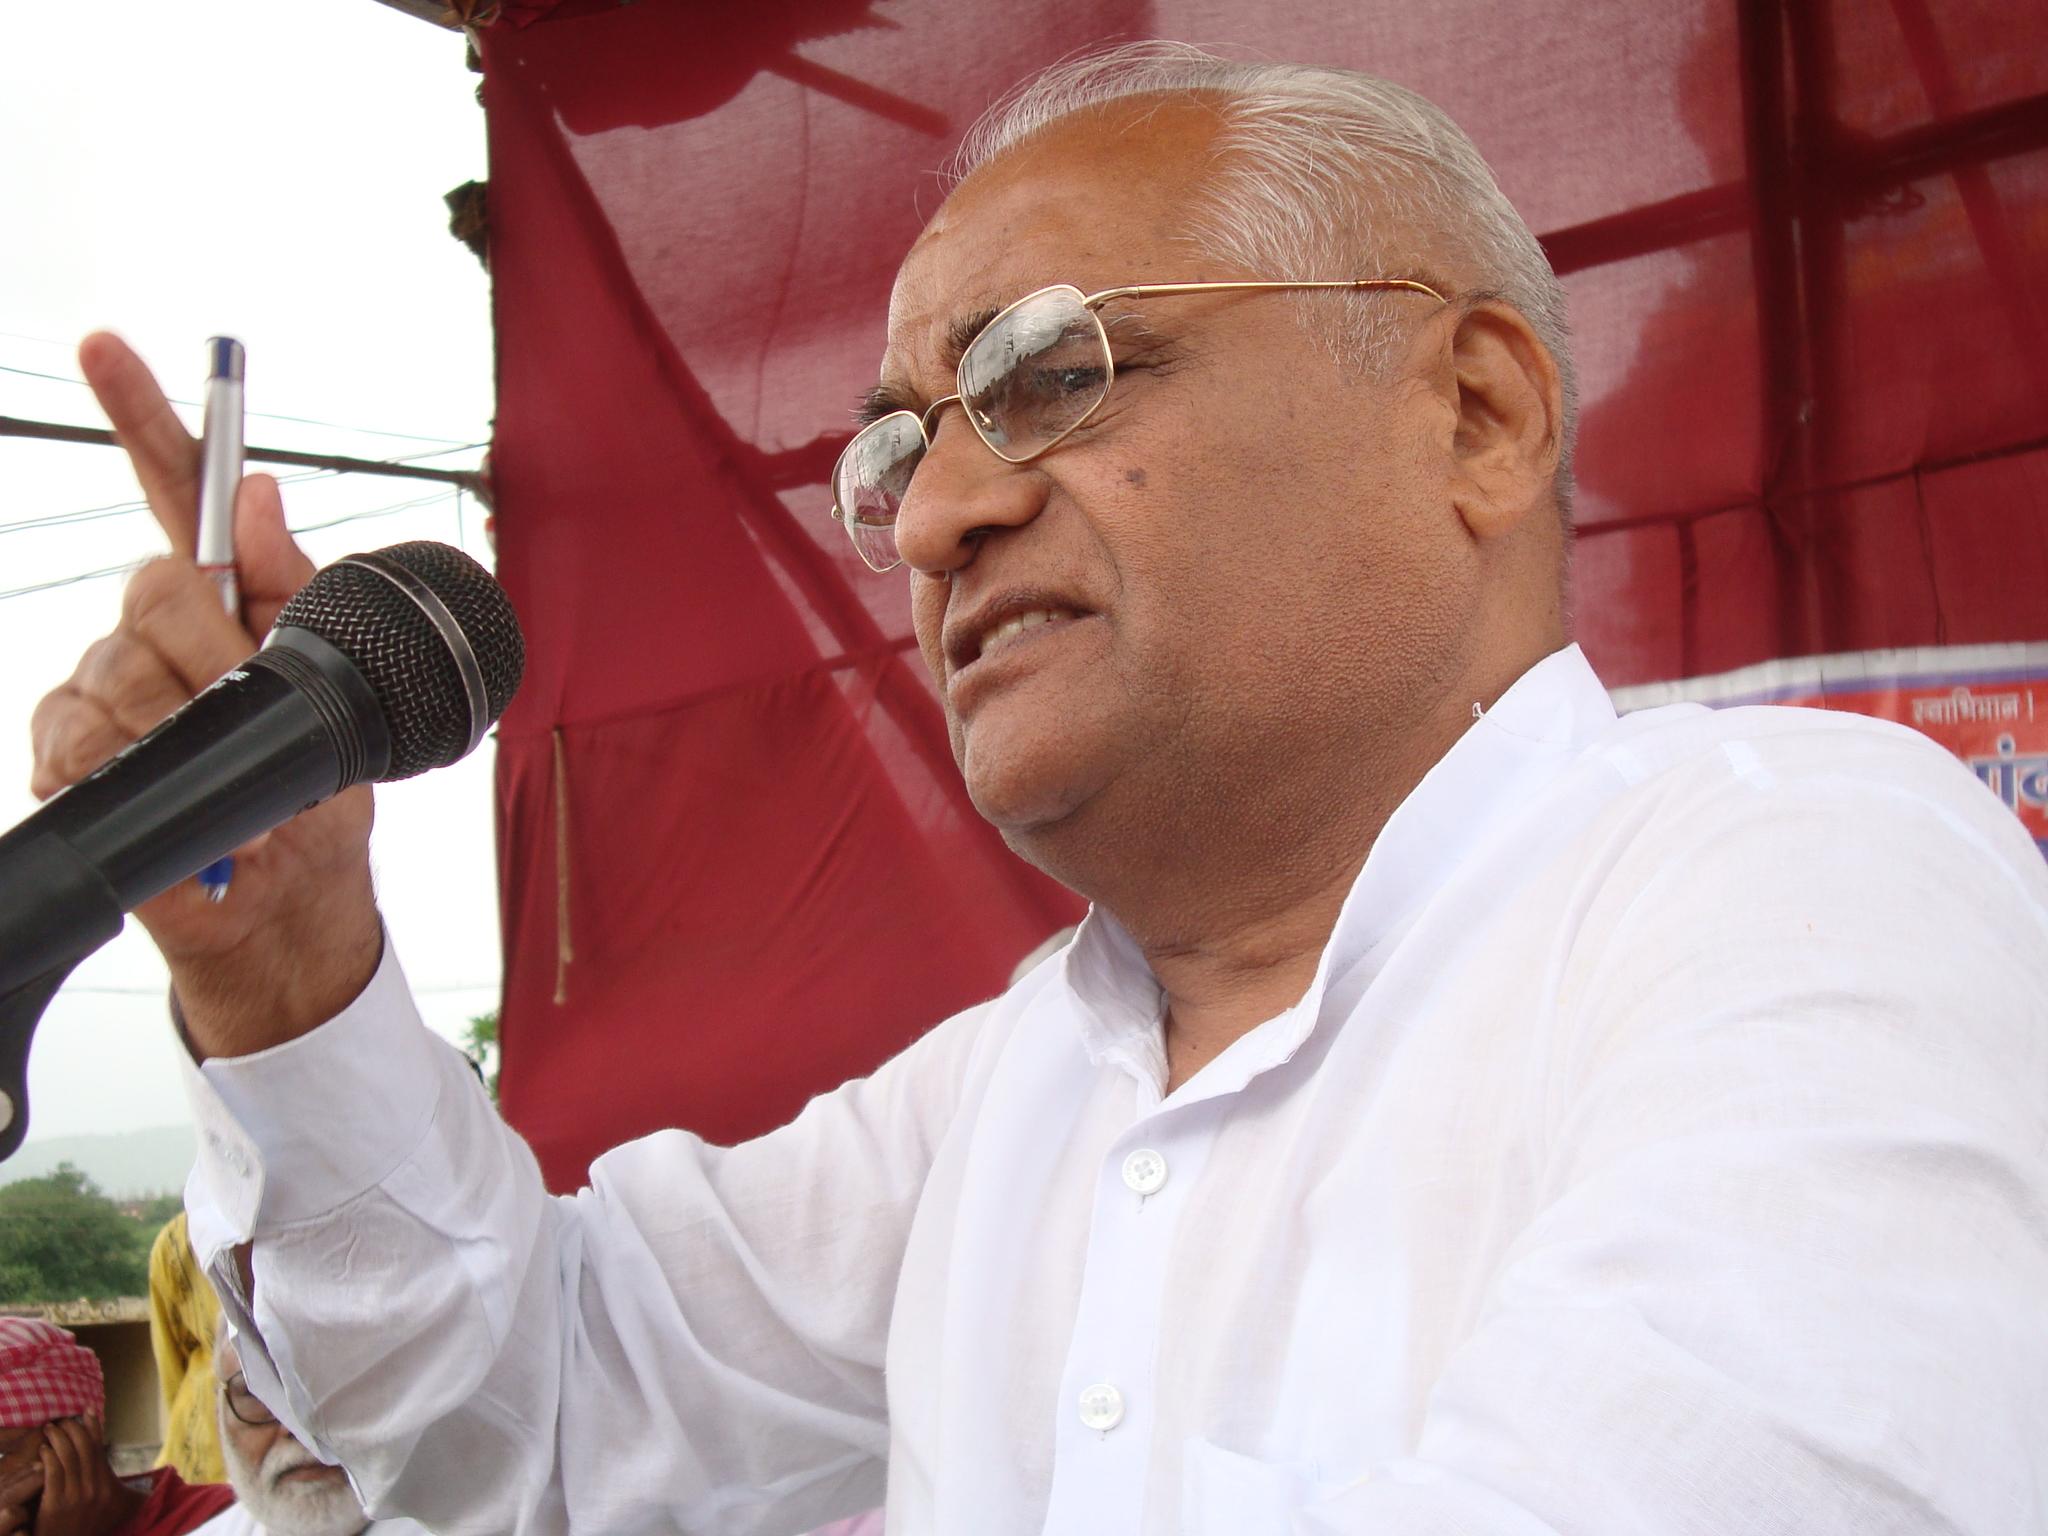 Pic courtesy: yuvabharat.wordpress.com